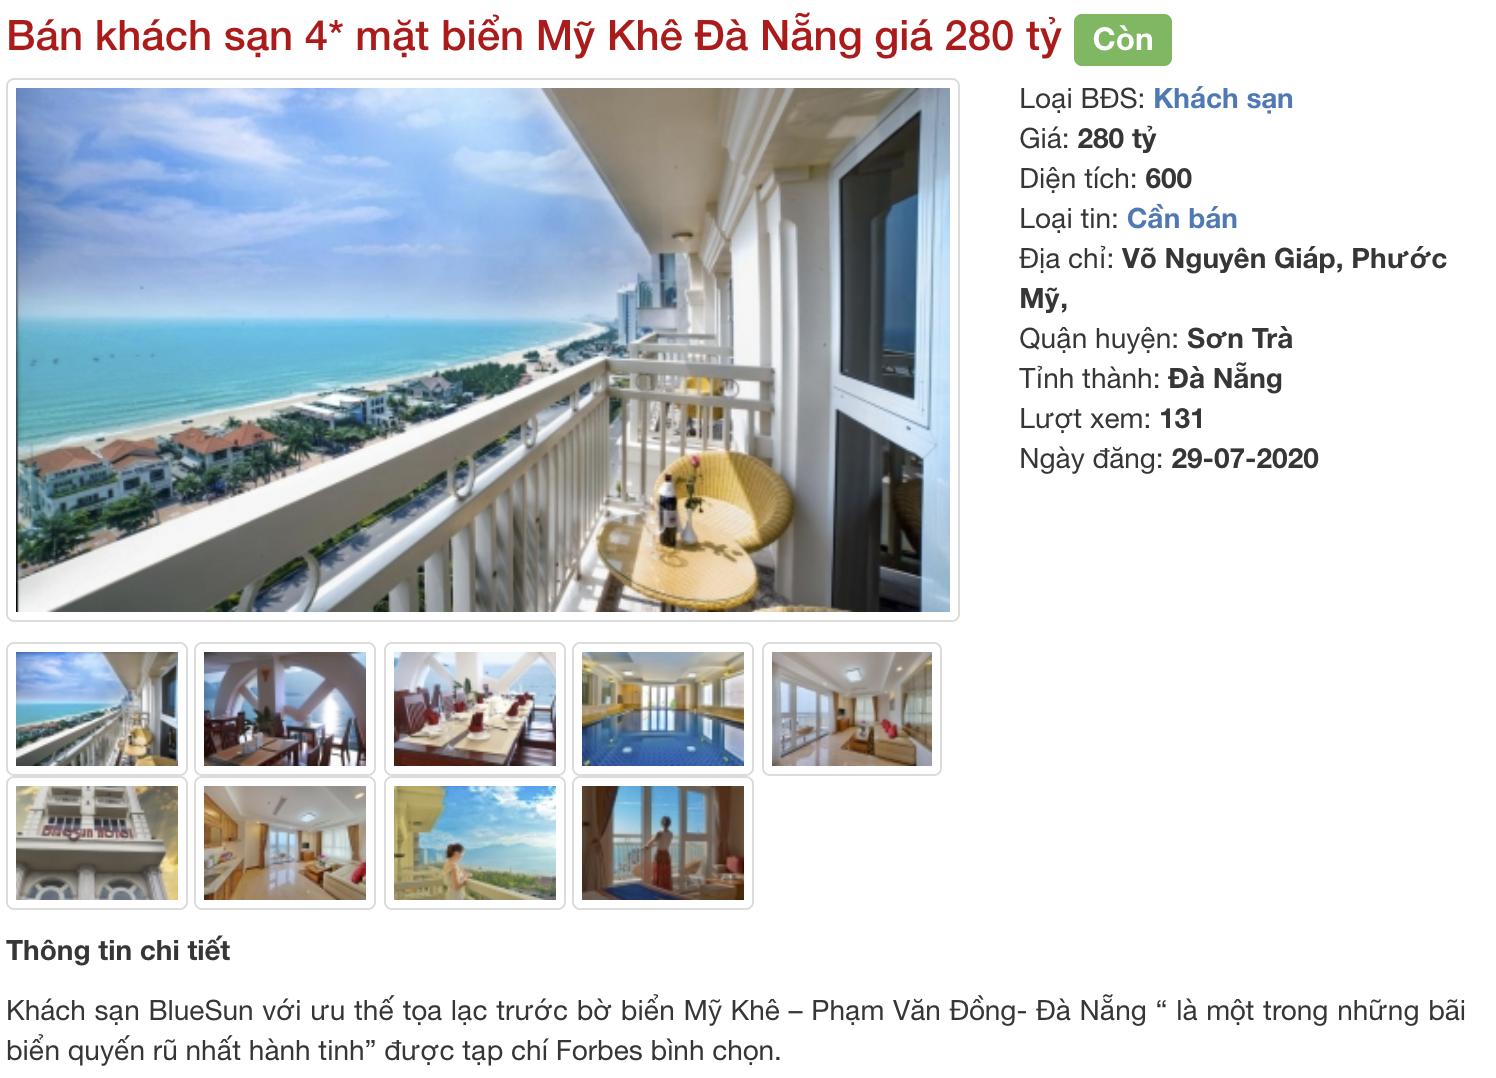 Phố khách sạn Đà Nẵng 'tối đèn', rao bán hàng trăm tỉ đồng - Ảnh 18.